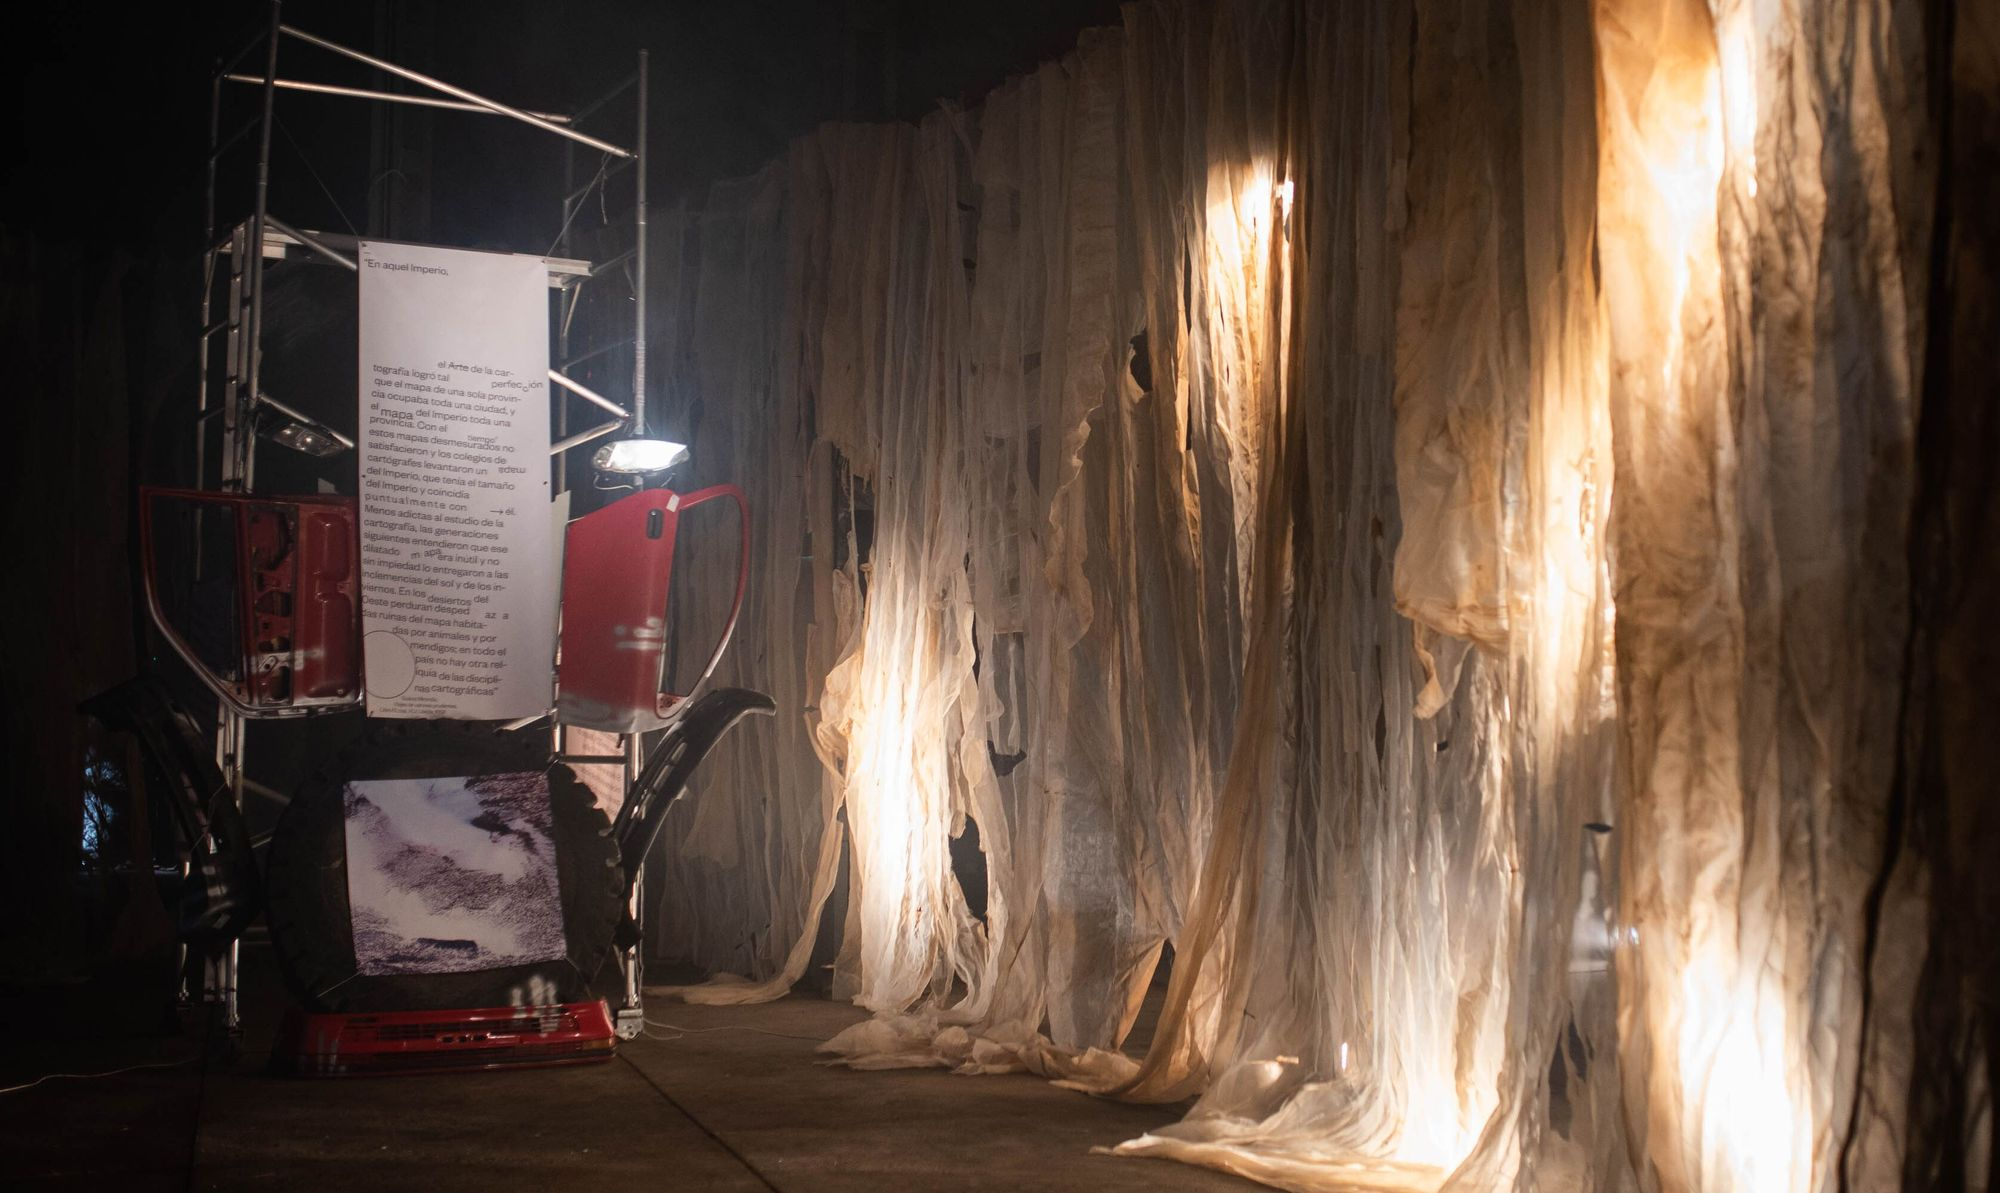 Exposición de Yosu Negrín en el Espacio Cultural El Tanque